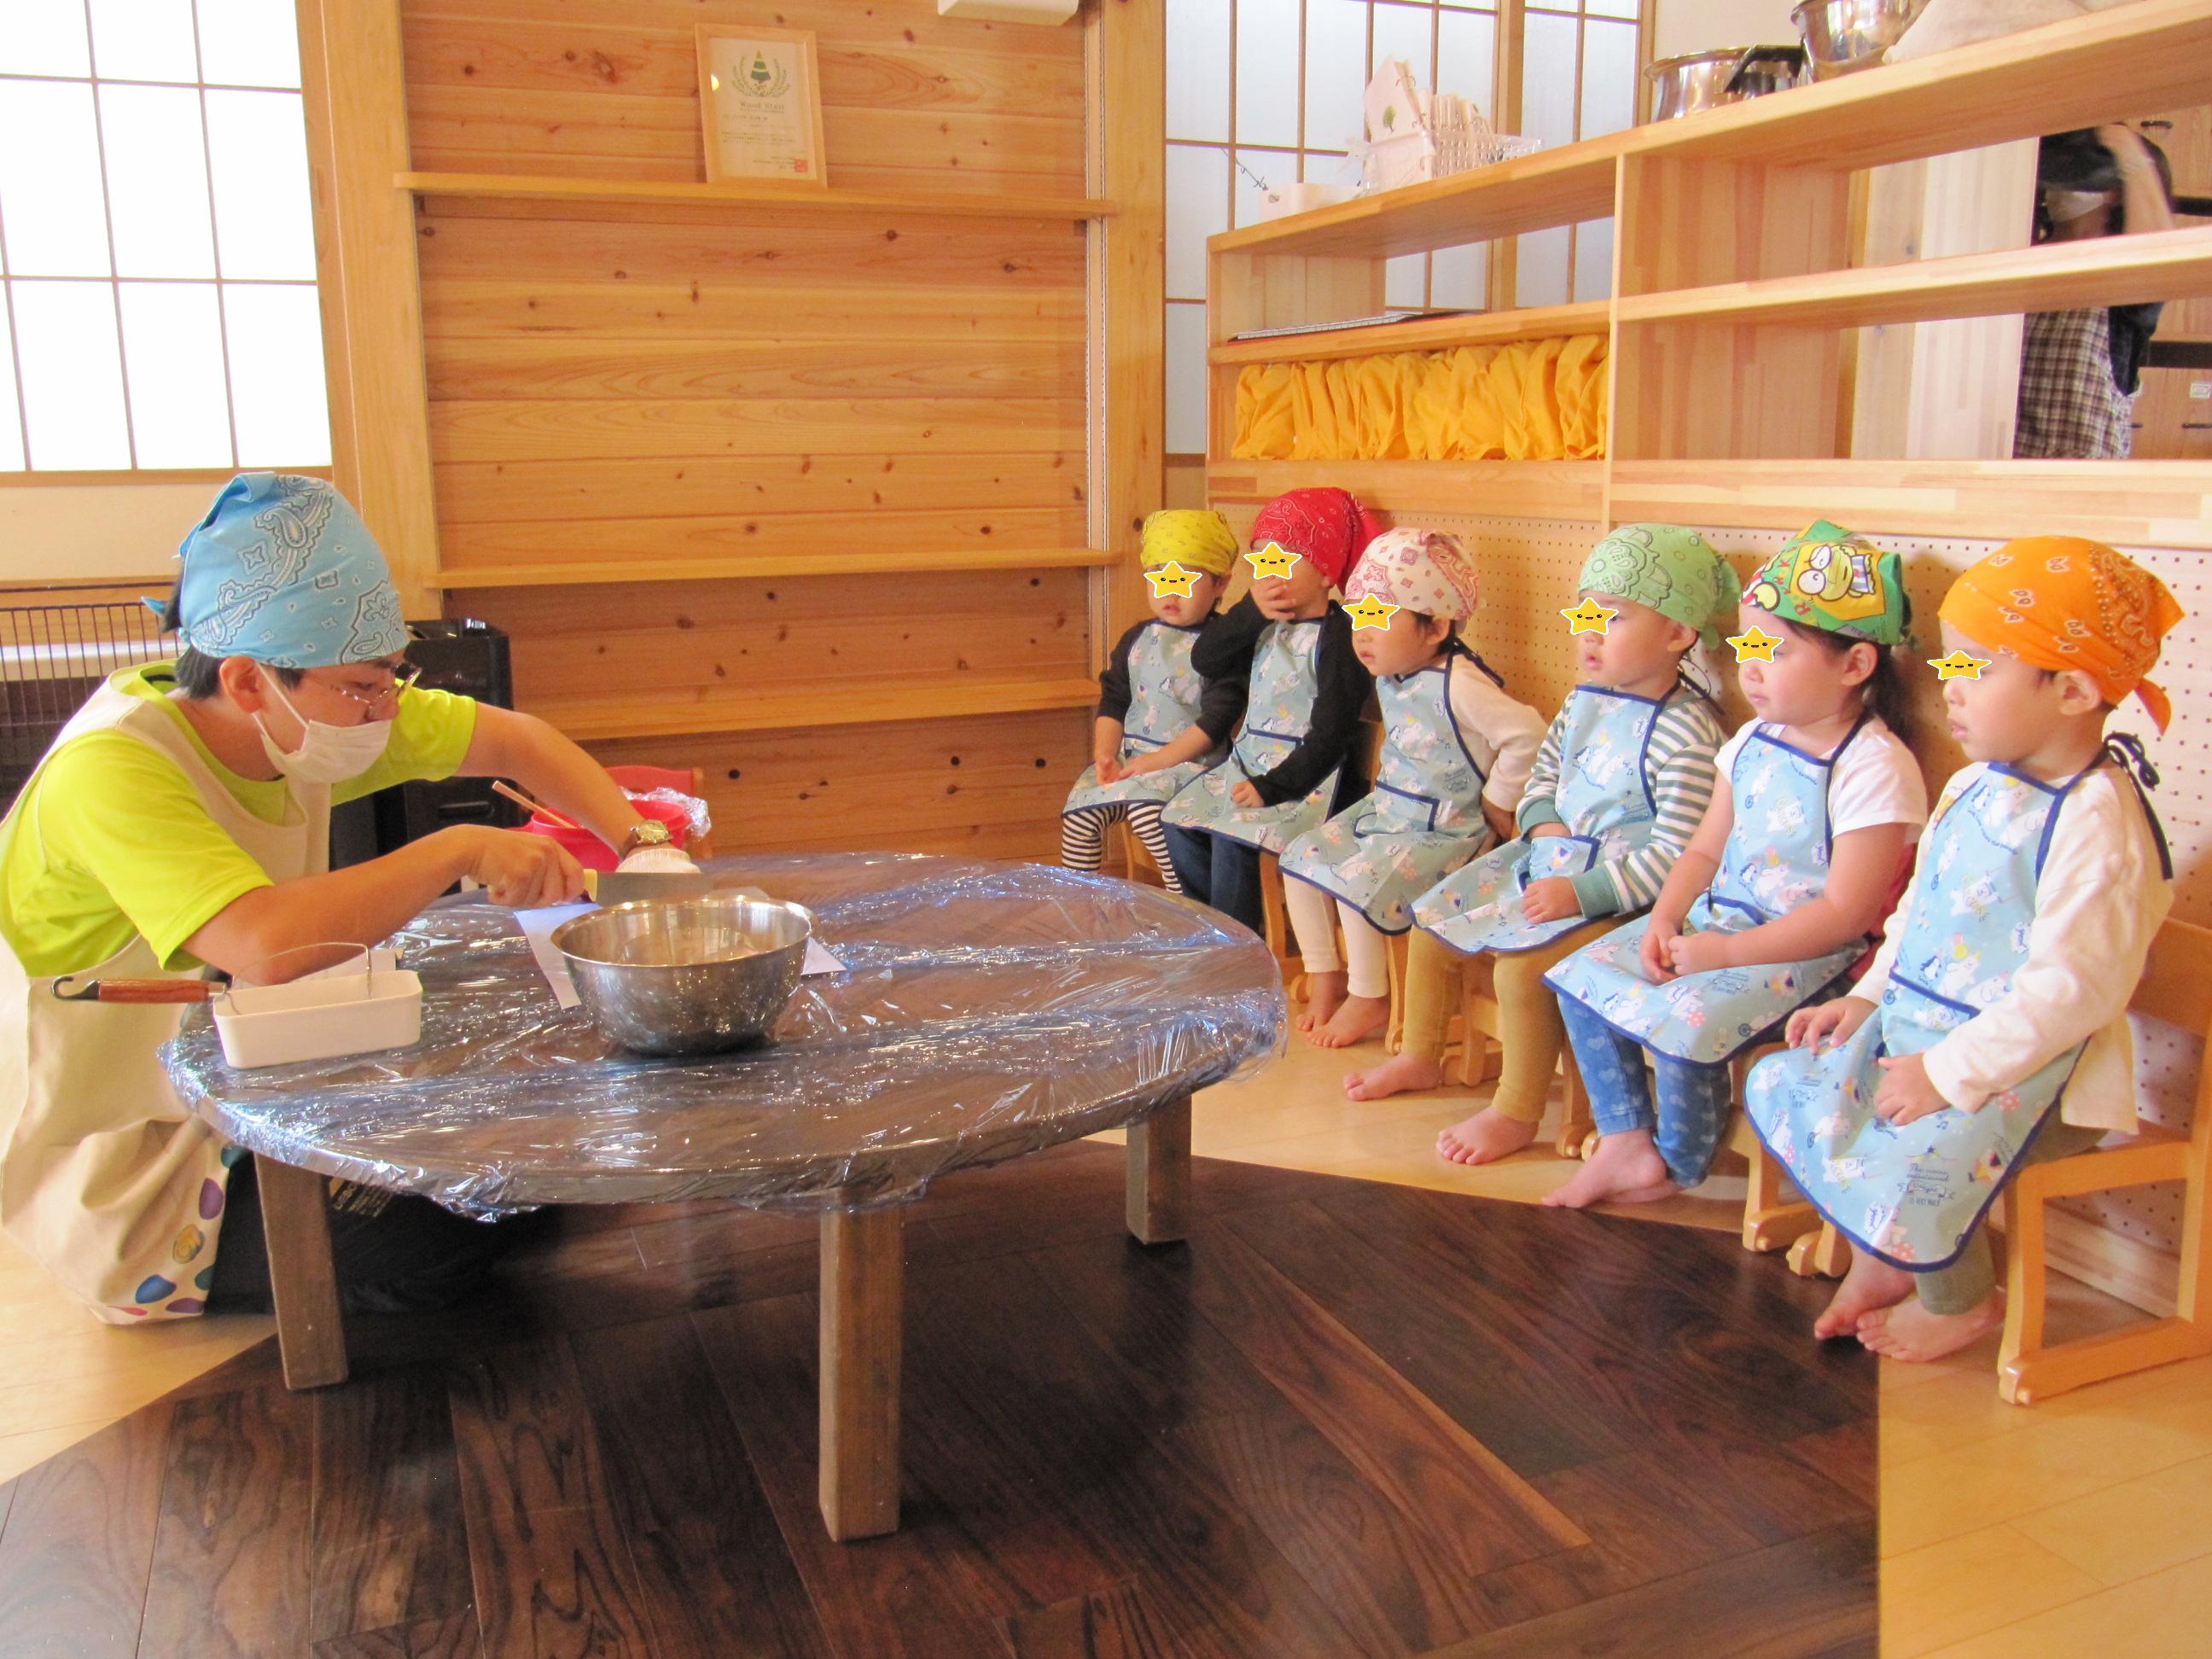 屯田園 くるみ組😊(2歳児クラス) 9月じゃがいもクッキング😊